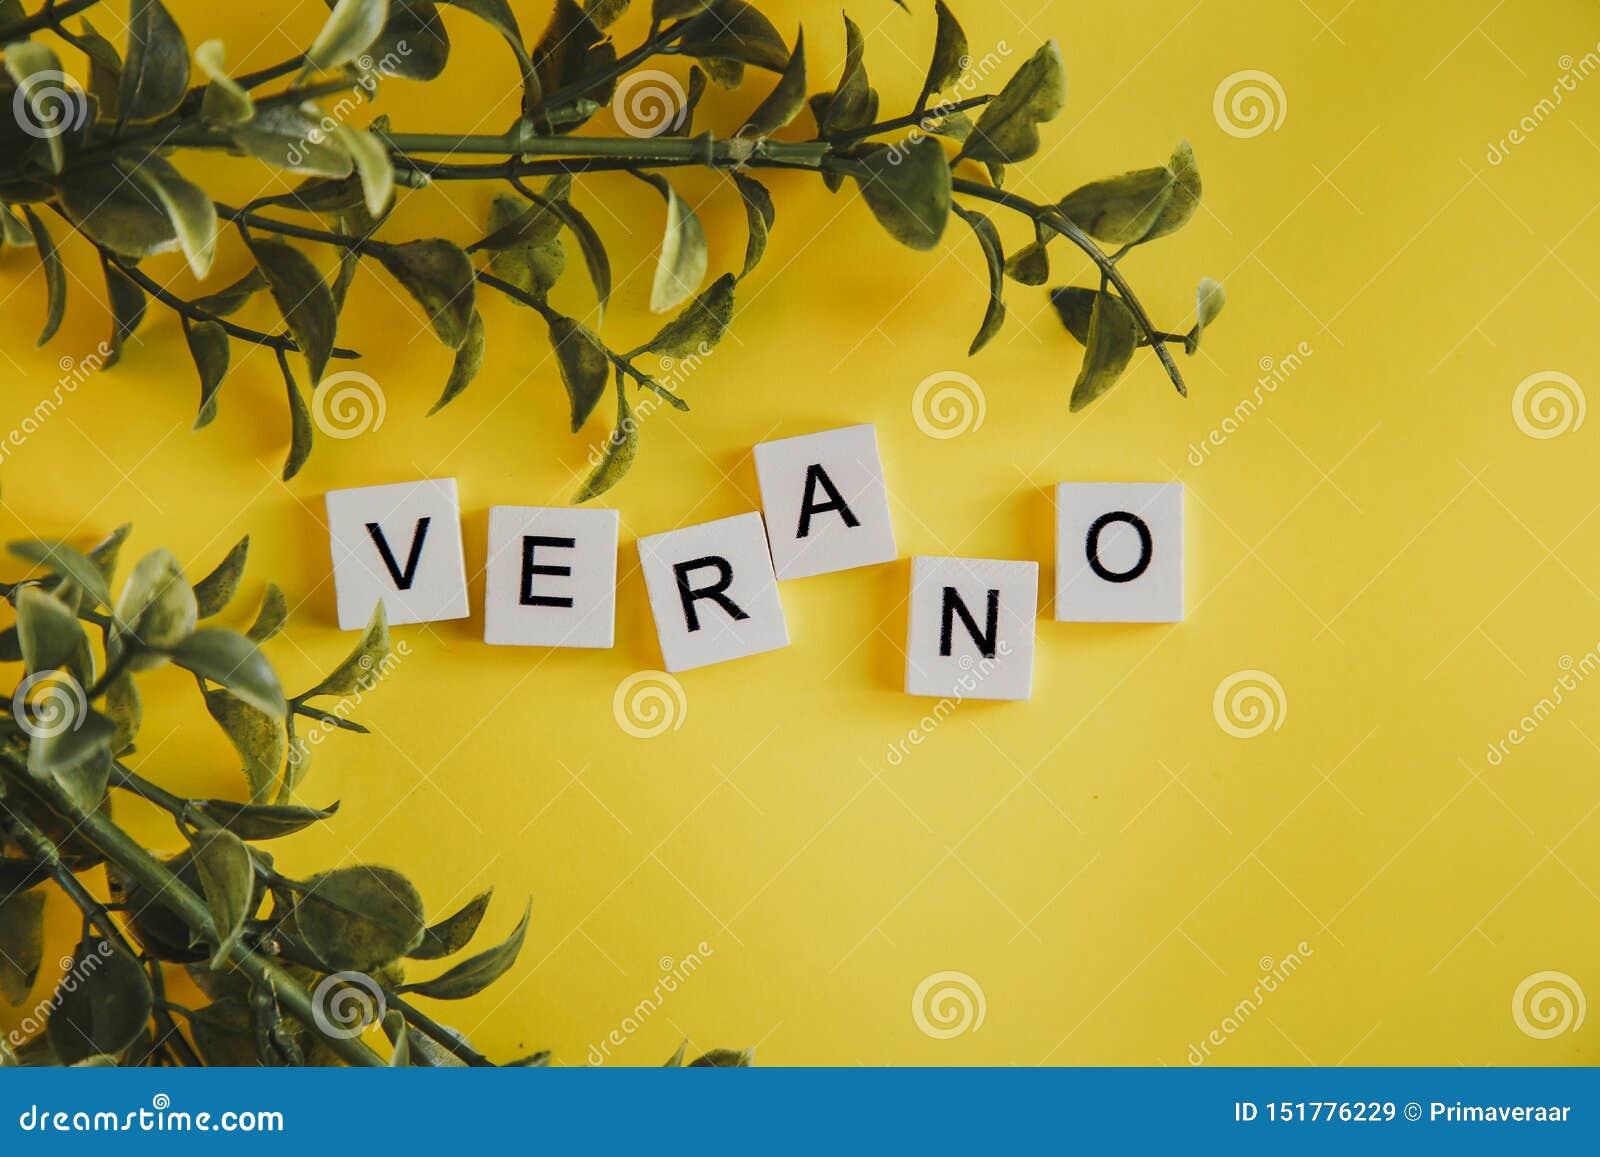 El verano de la inscripción en español en las letras del teclado en un fondo amarillo con las ramas de flores